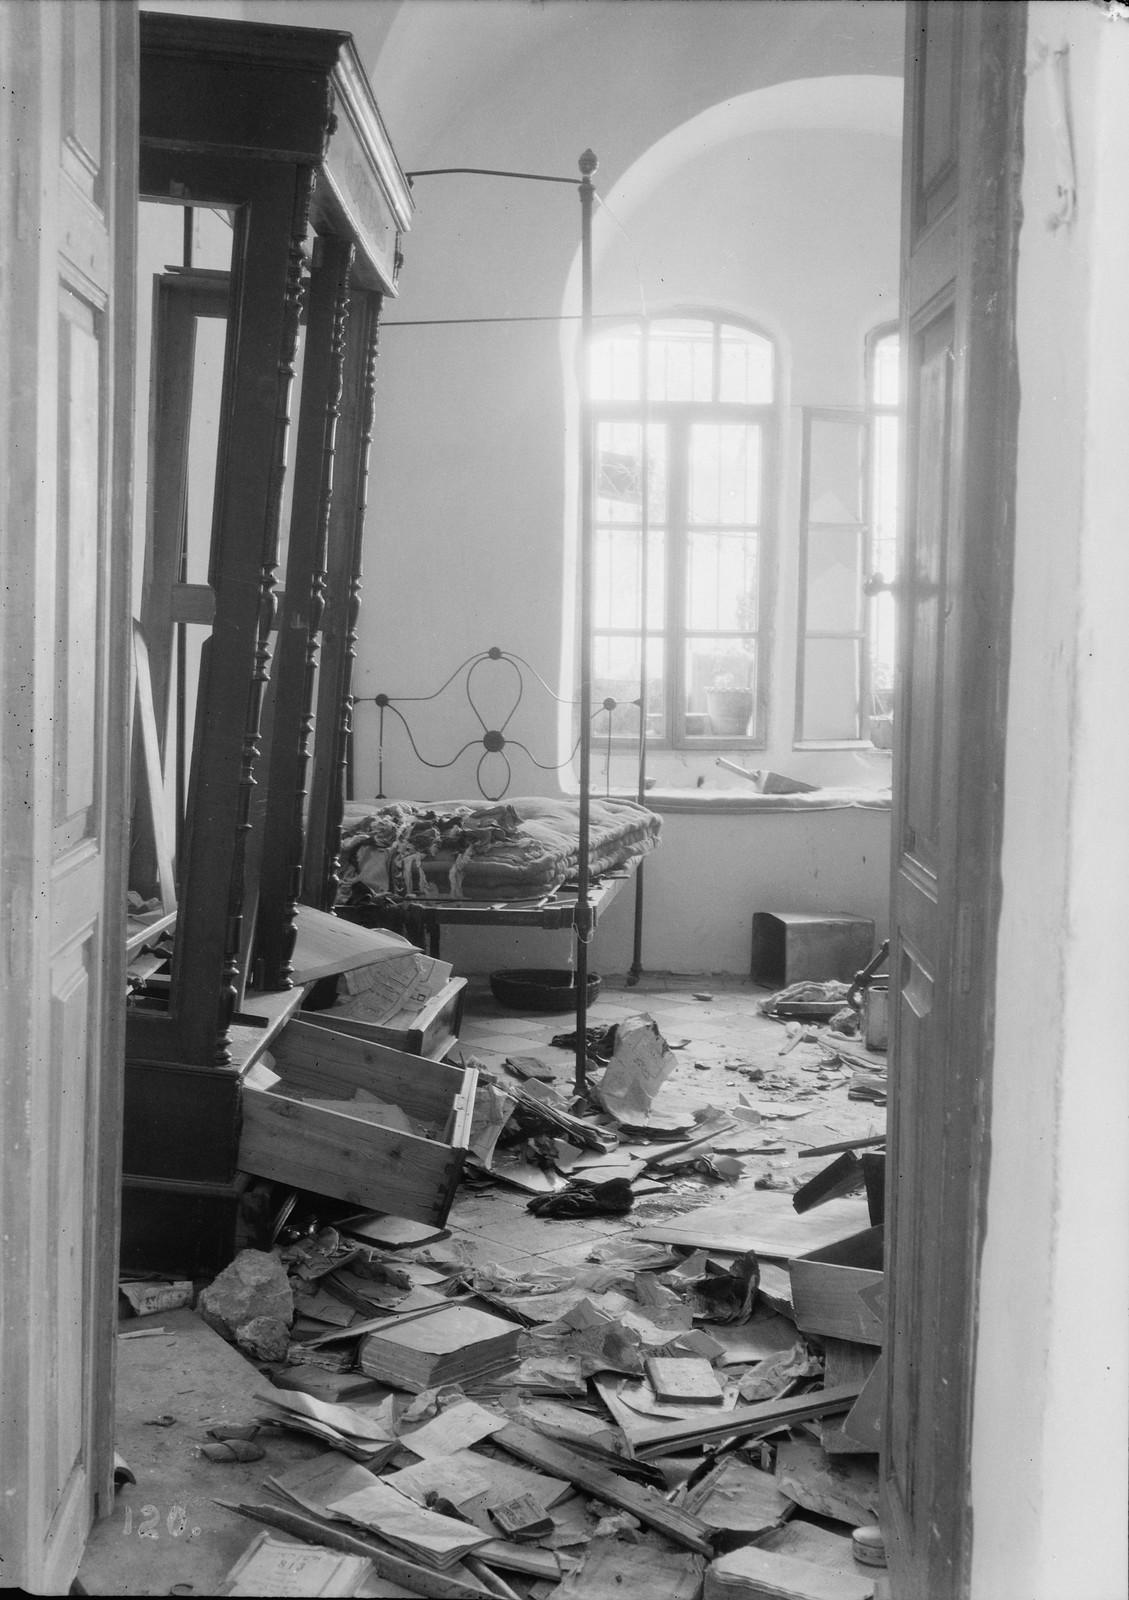 05. 23–31 августа. Хеврон. Еврейский дом, разгромленный арабскими погромщиками.  . Пол покрыт обломками